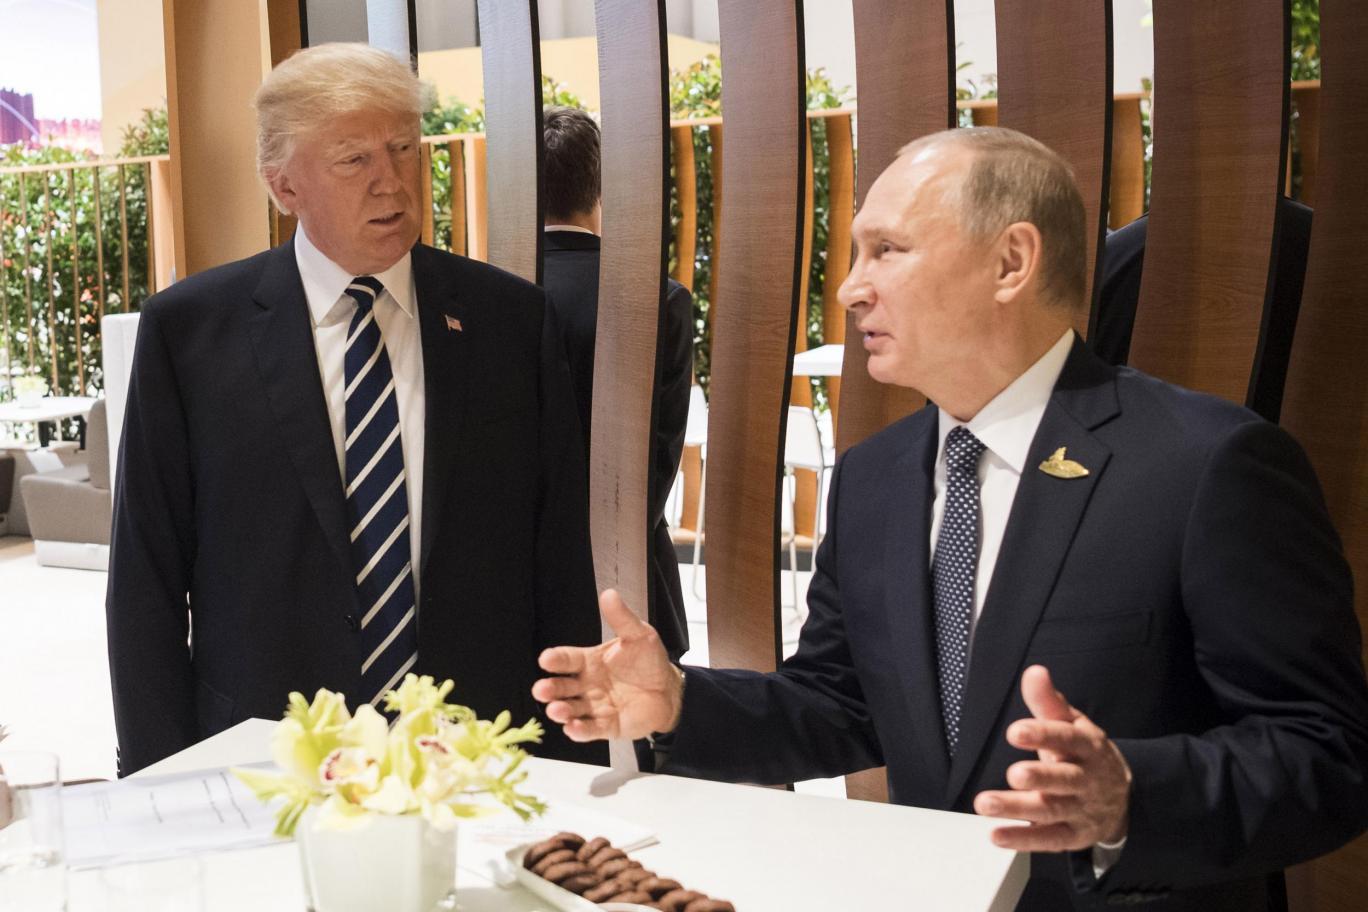 Tổng thống Mỹ hé lộ nội dung cuộc hội đàm thứ 2 với Tổng thống Putin - Ảnh 1